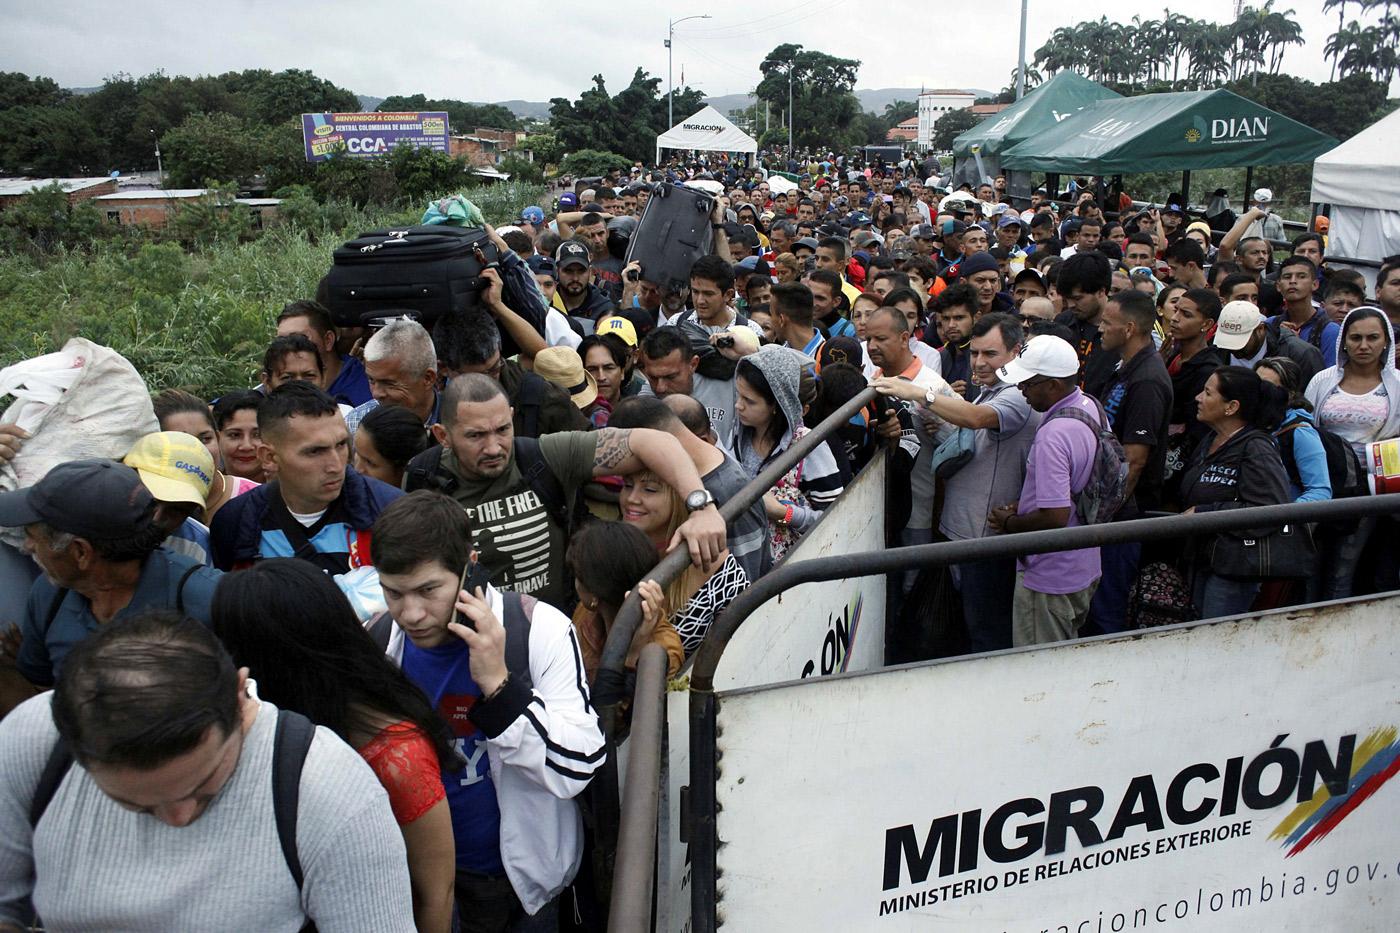 La frontera saluda a los refugiados y desplazados venezolanos